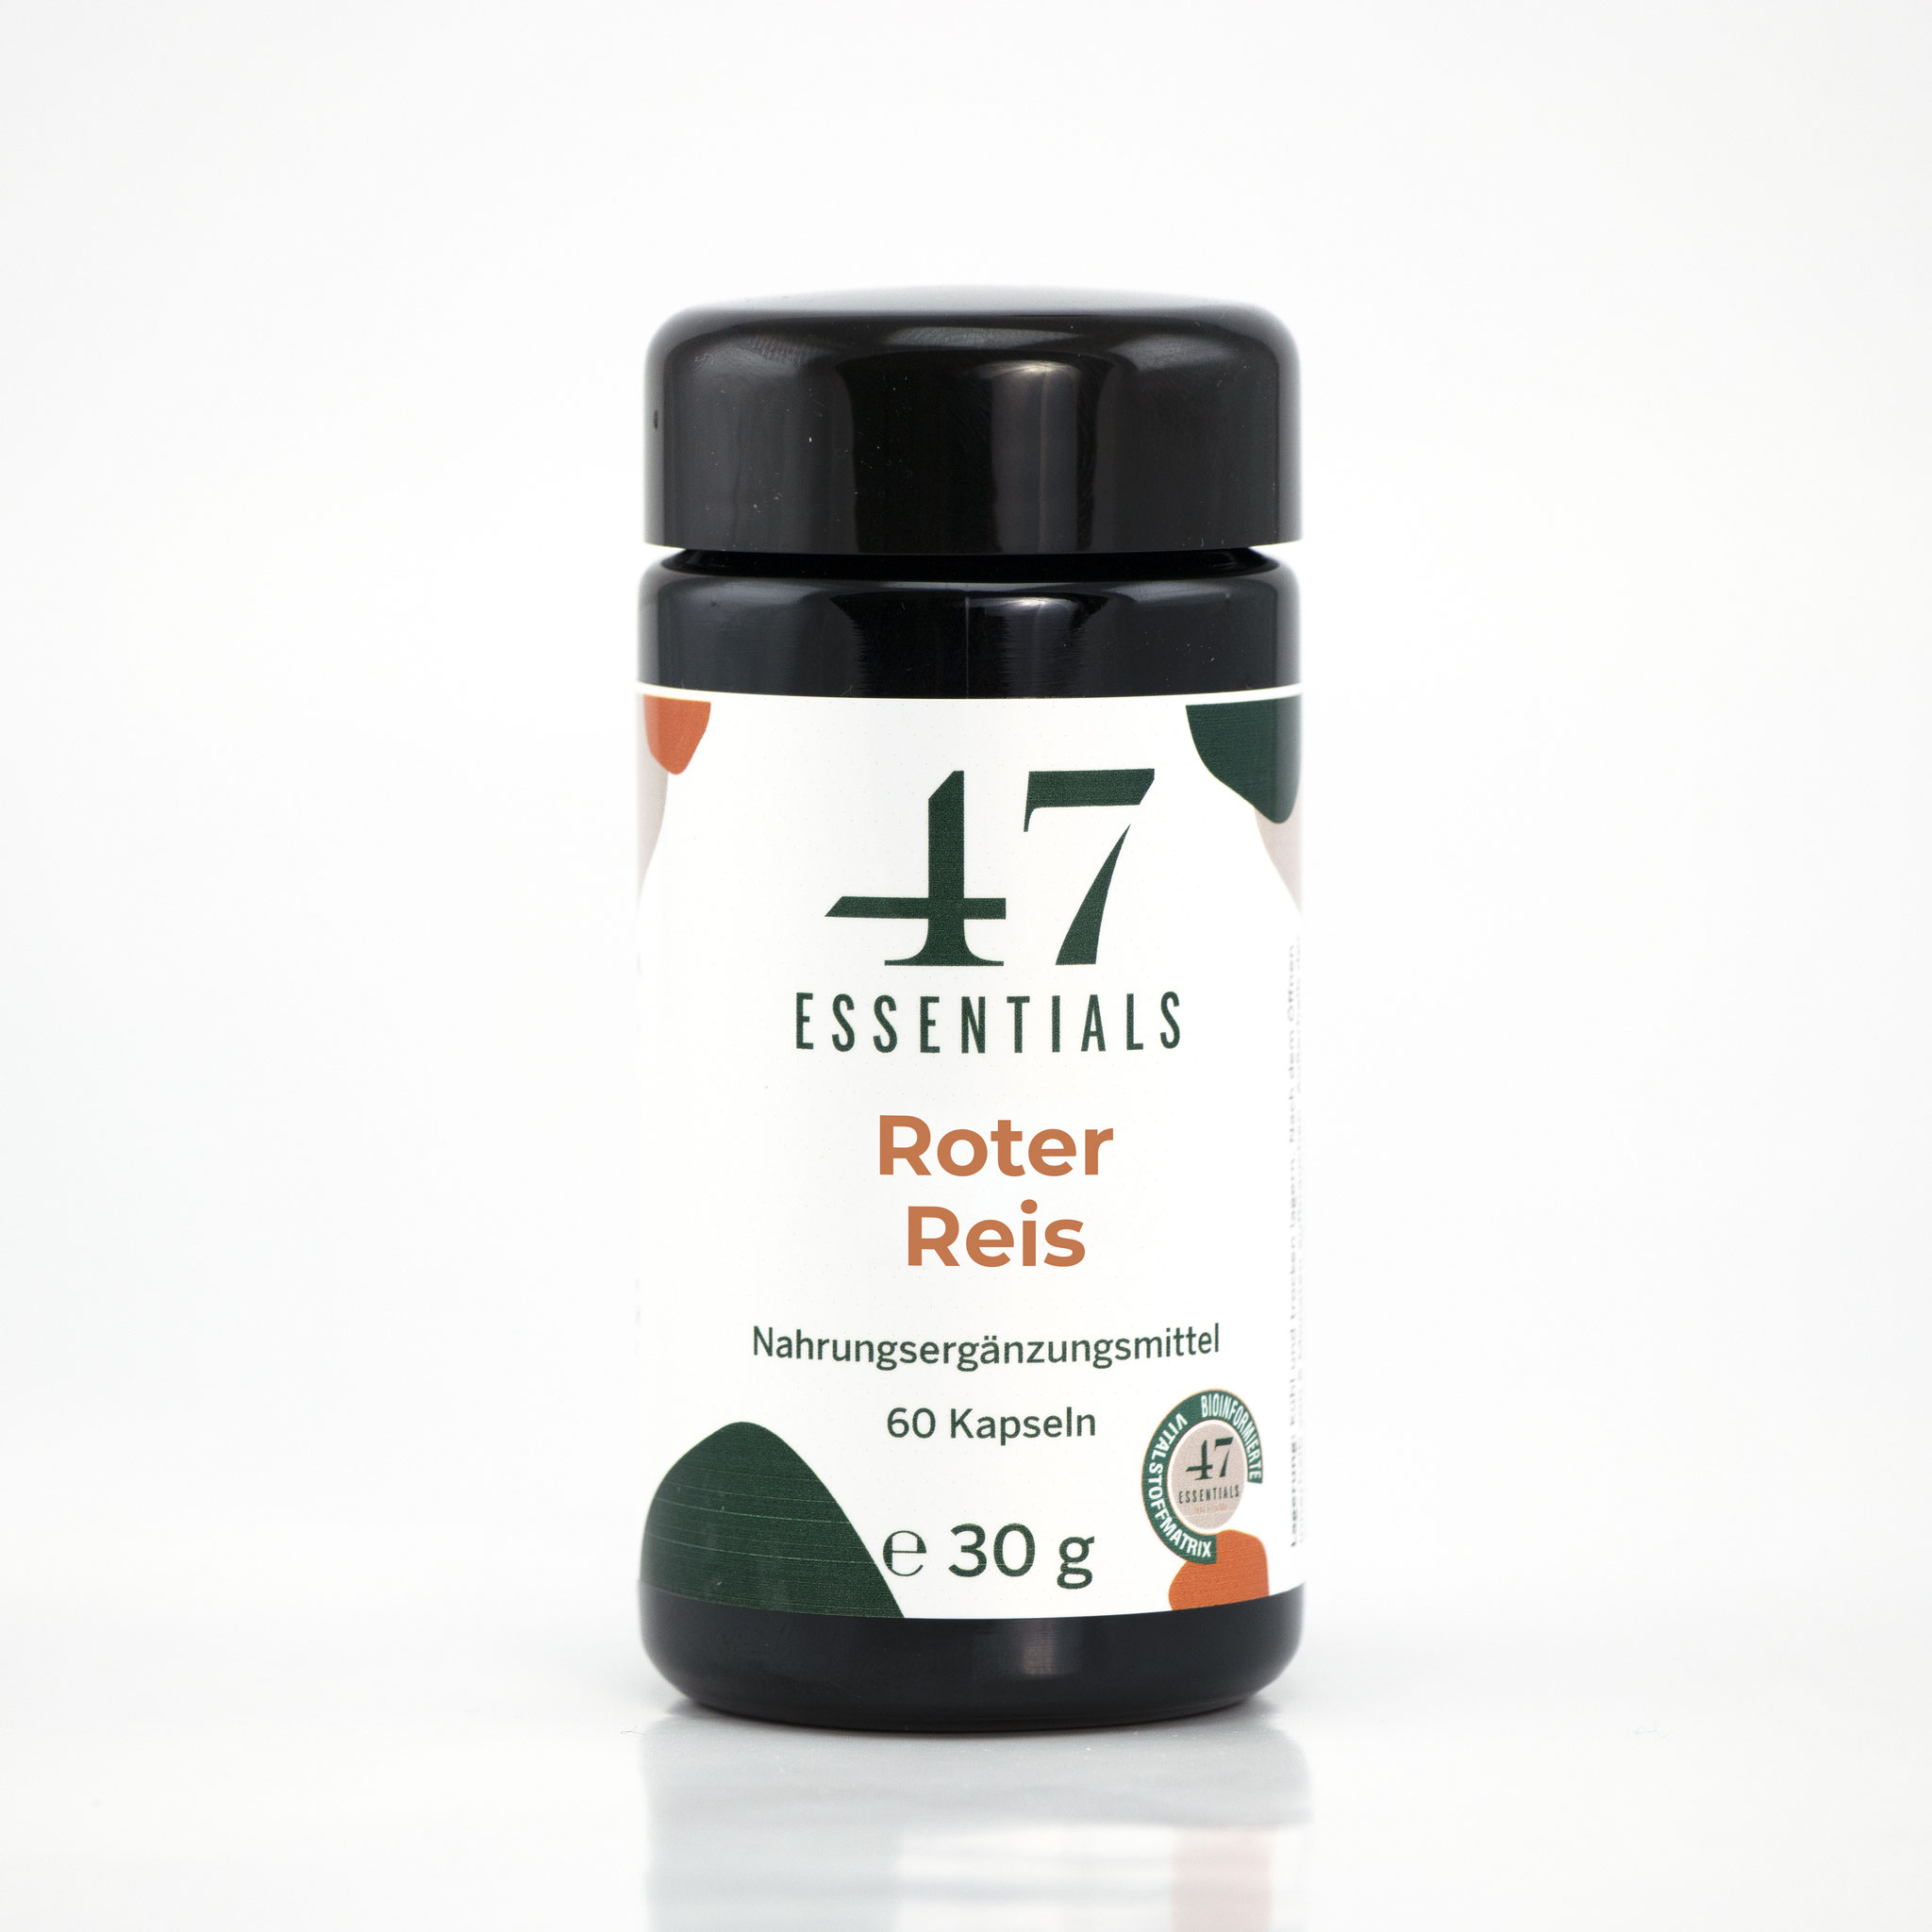 Roter Reis 60 Kapseln (Ihrem Cholesterin zuliebe)     € 16,00           Klicken Sie hier um mehr über das Produkt zu erfahren